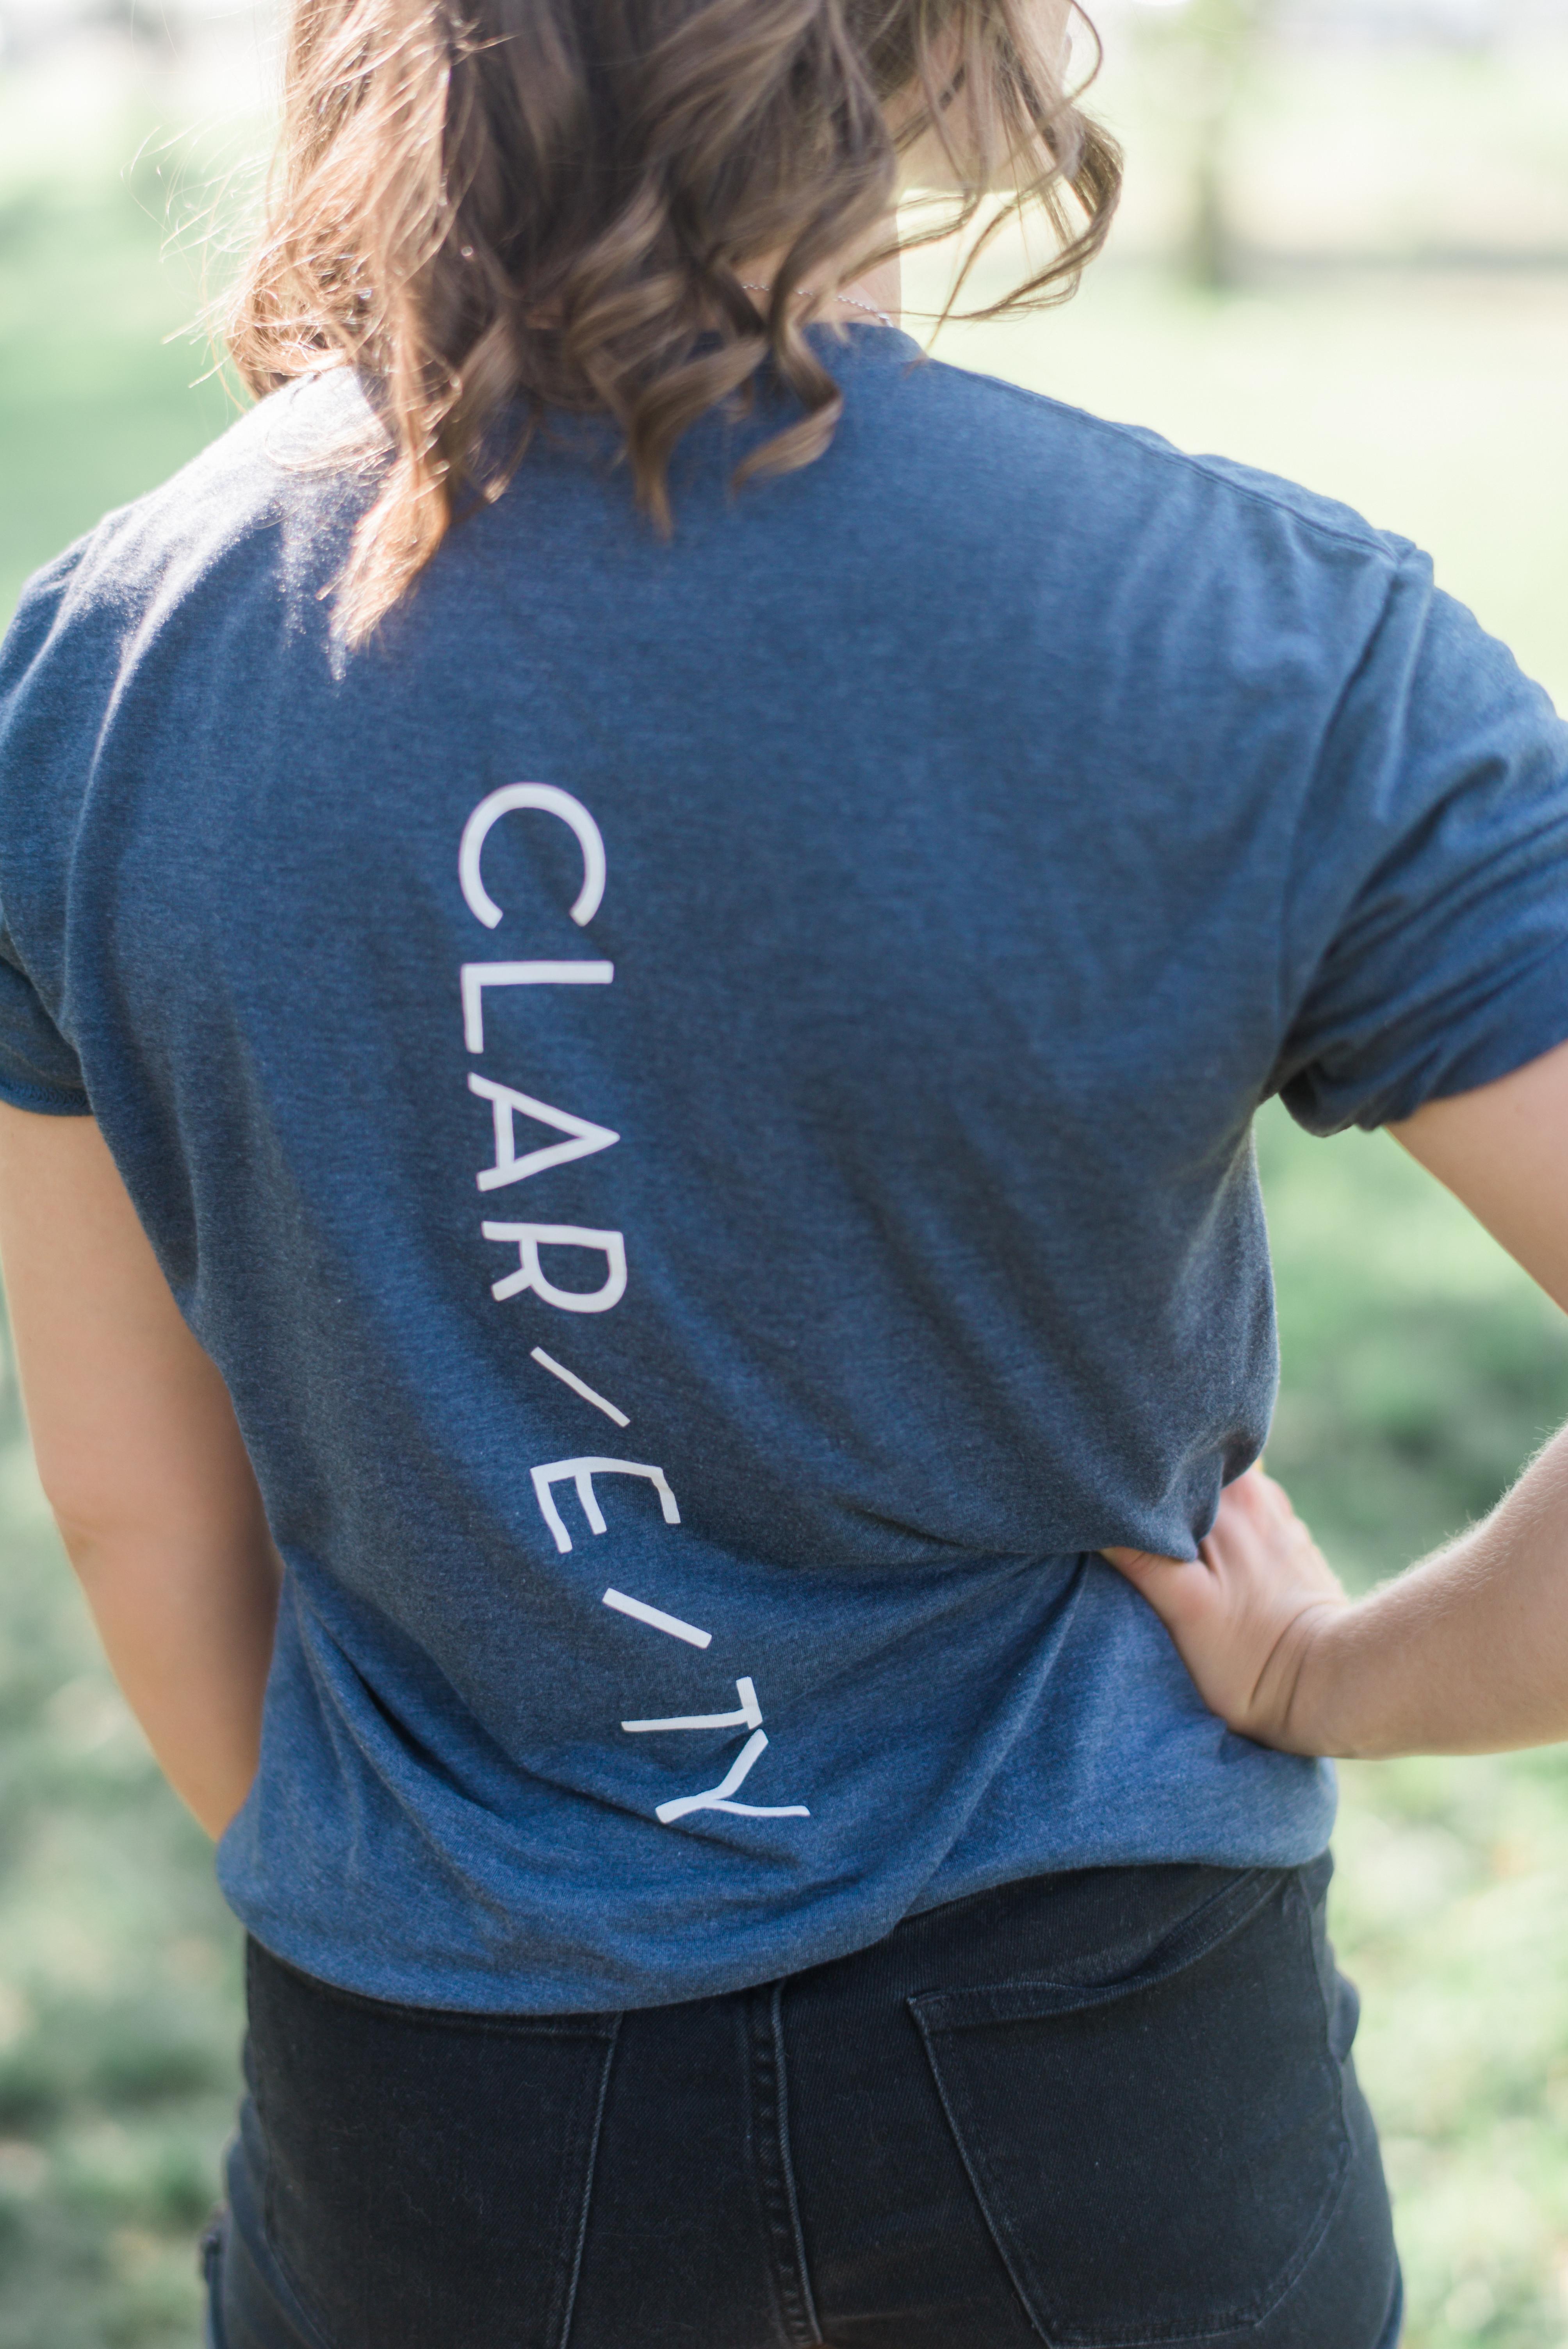 1:1 Clar-e-ty Nutrition Coaching